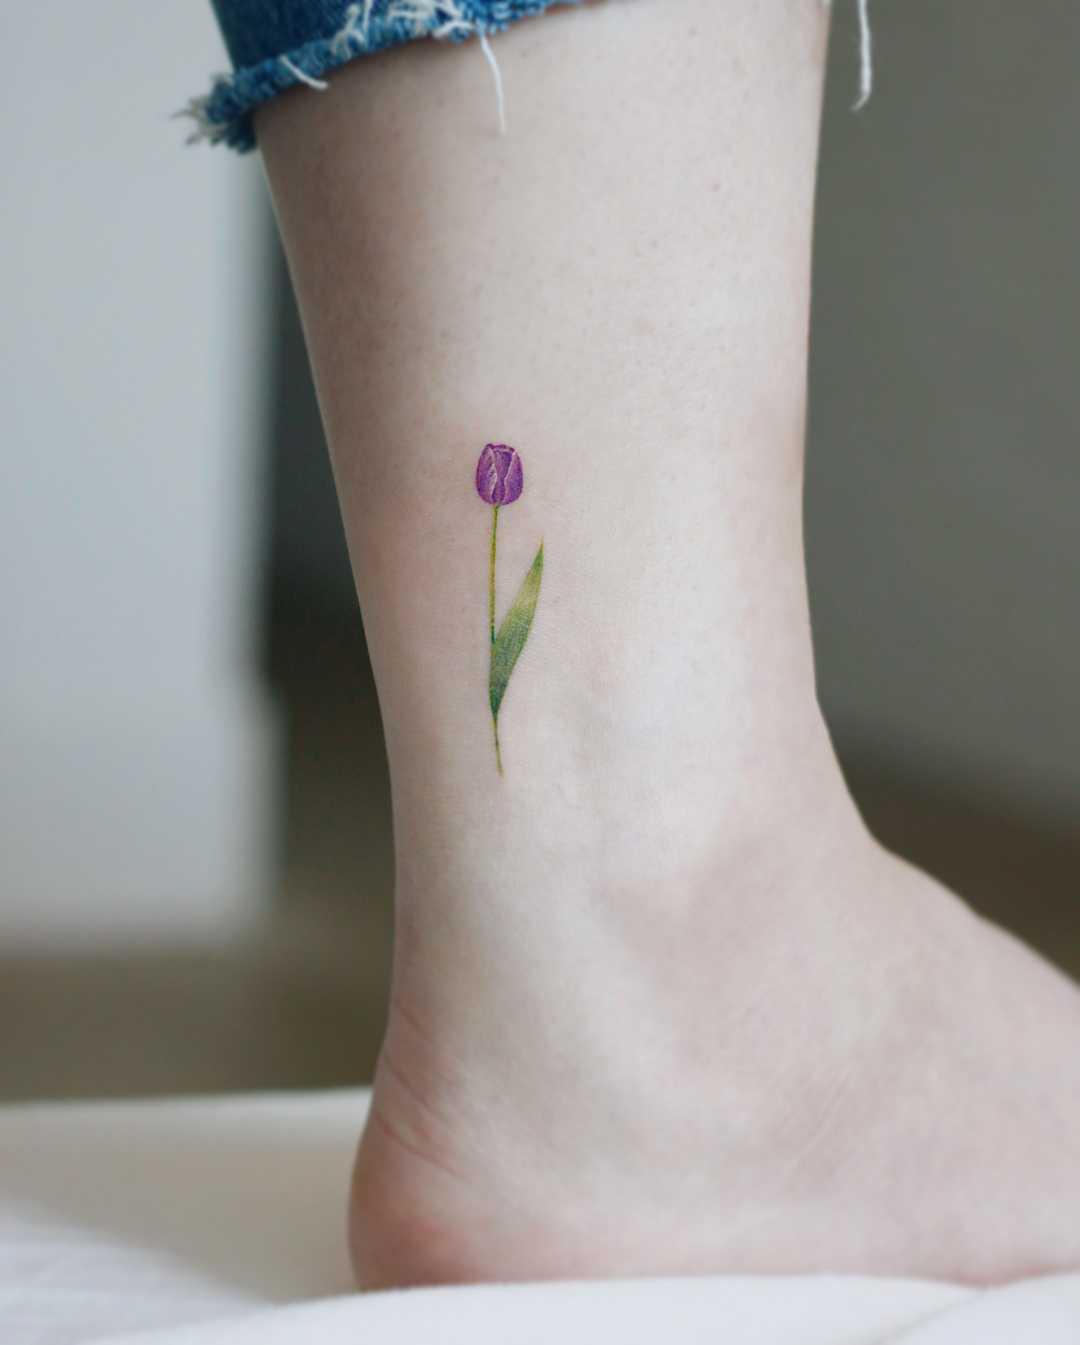 Purple tulip on an ankle by tattooist Saegeem